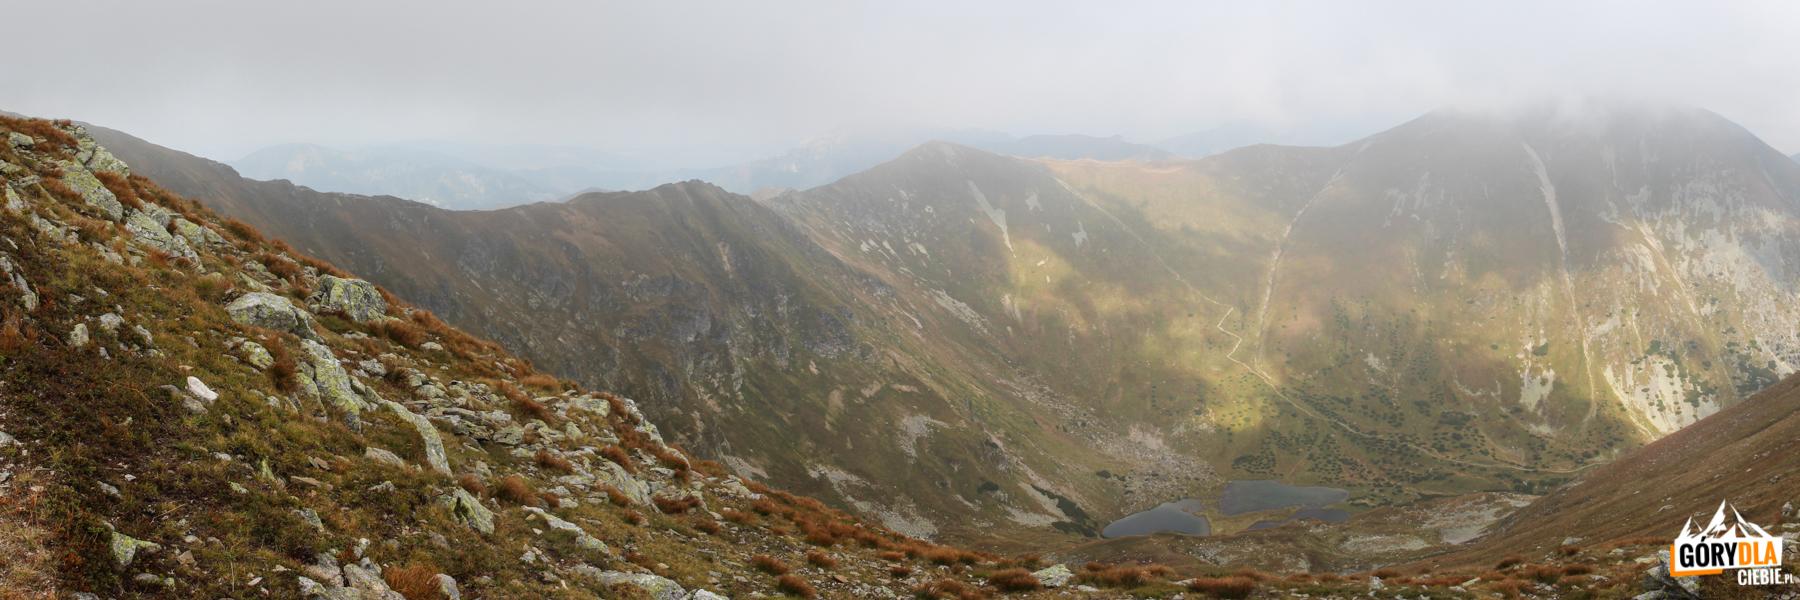 Widok z grani pod Jarząbczym Wierchem (2137 m) na Zadnią Raczkową Dolinę